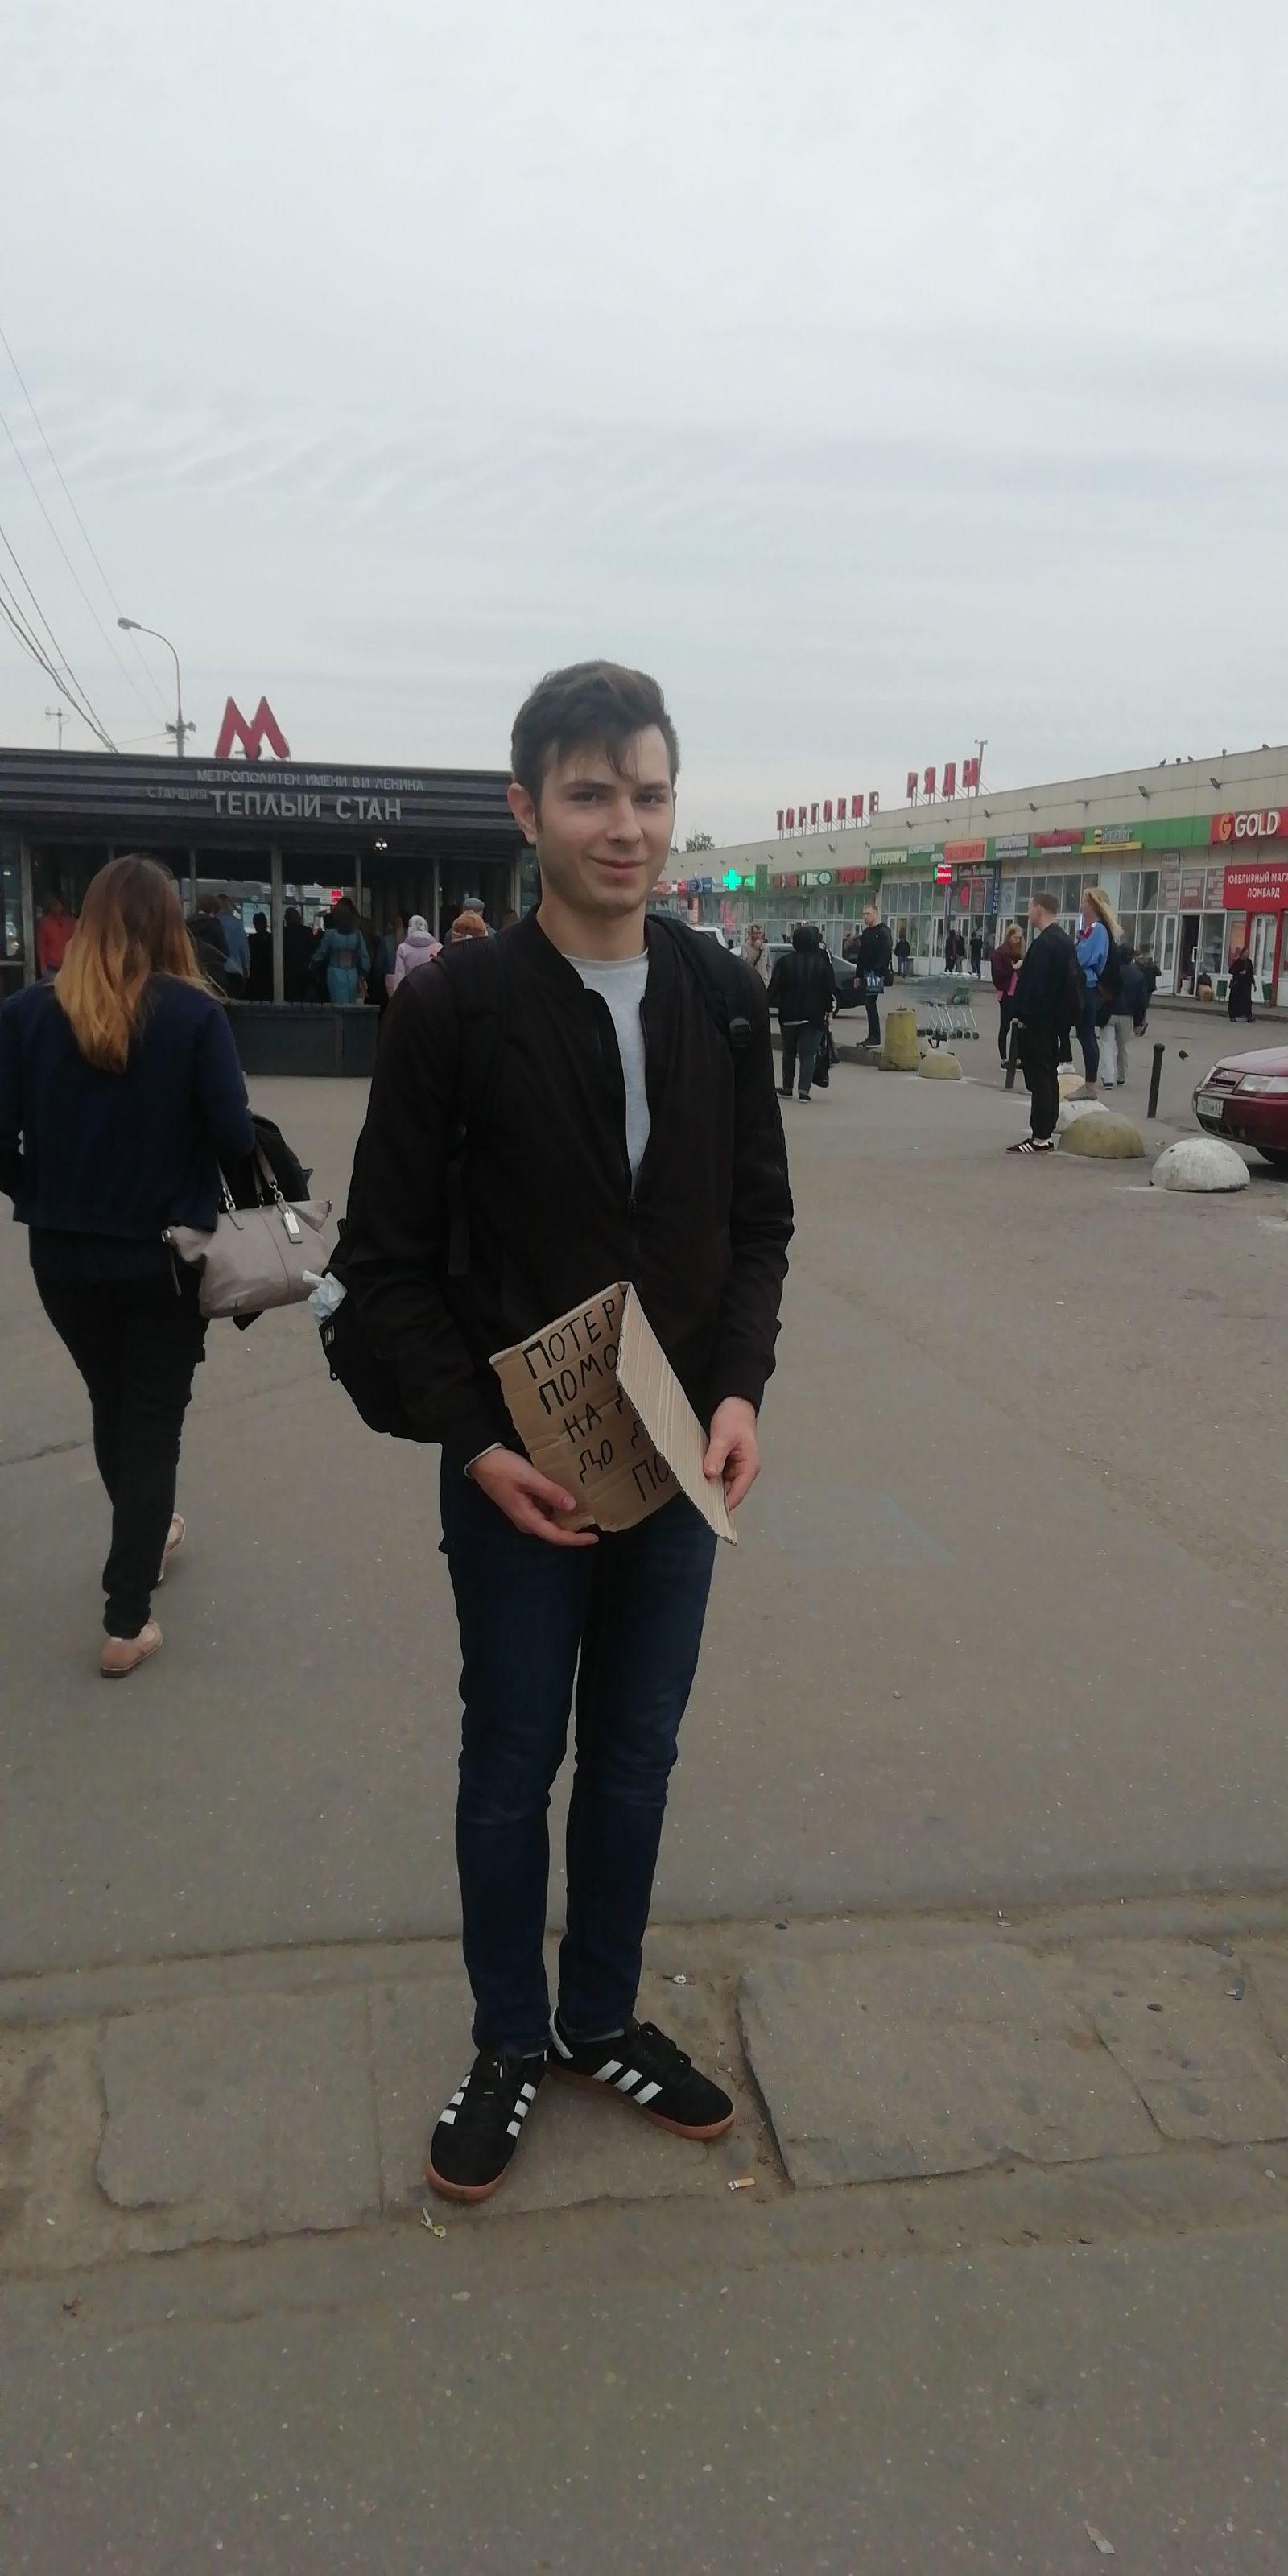 Тёплый стан г. Москва 1d40e07b9fe